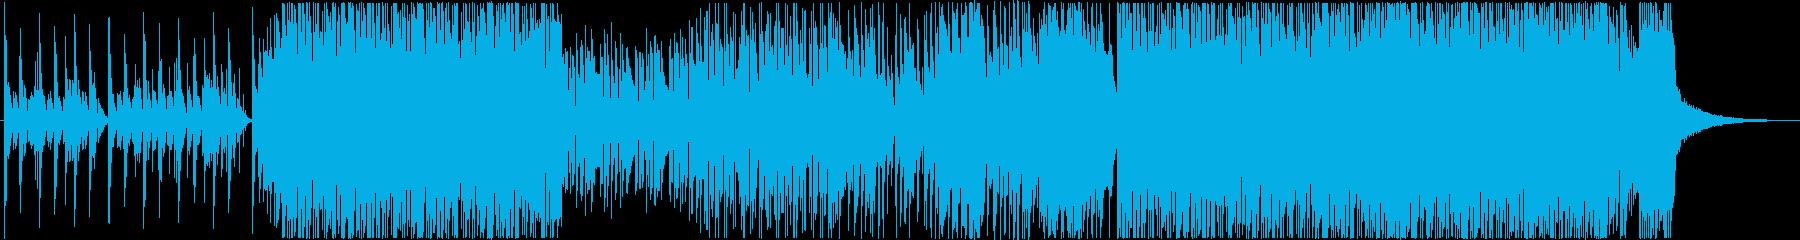 サンバ調のかわいいアコースティックBGMの再生済みの波形